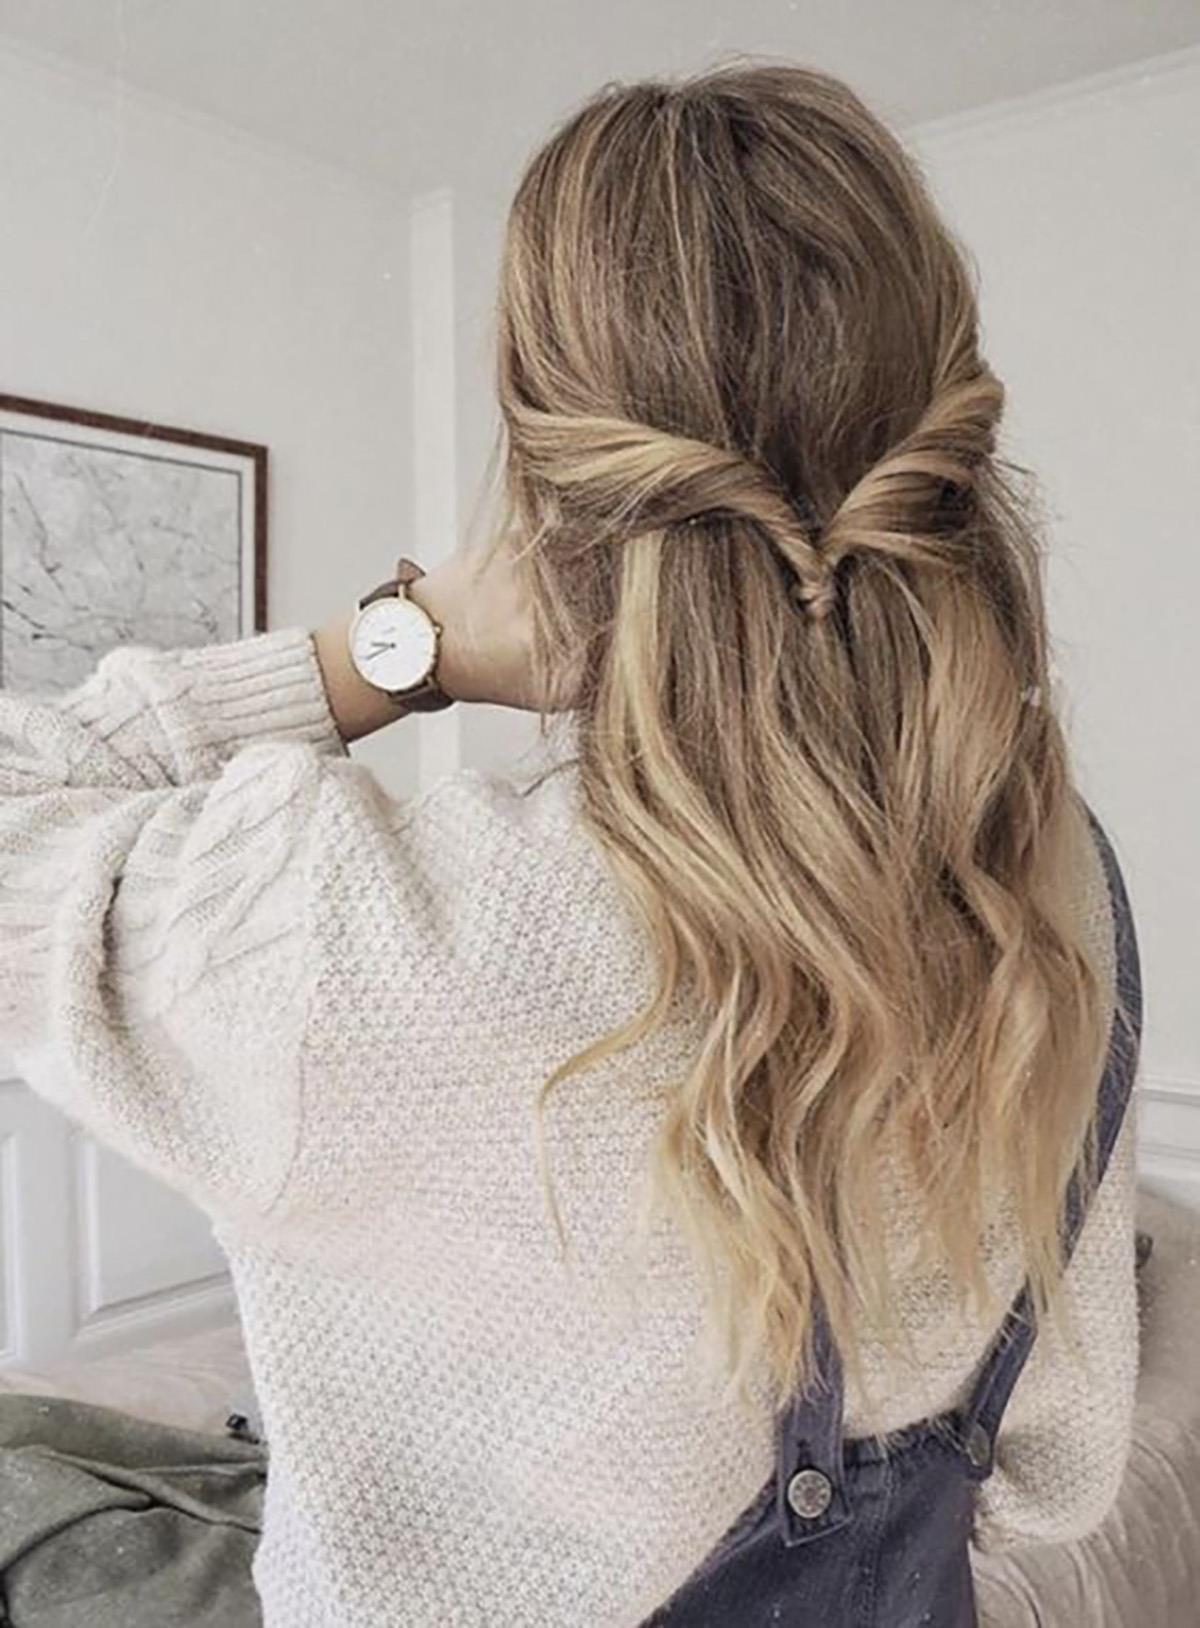 Encantador peinados con ondas Fotos de tendencias de color de pelo - Peinados con ondas: 10 estilos y cómo hacerlos paso a paso